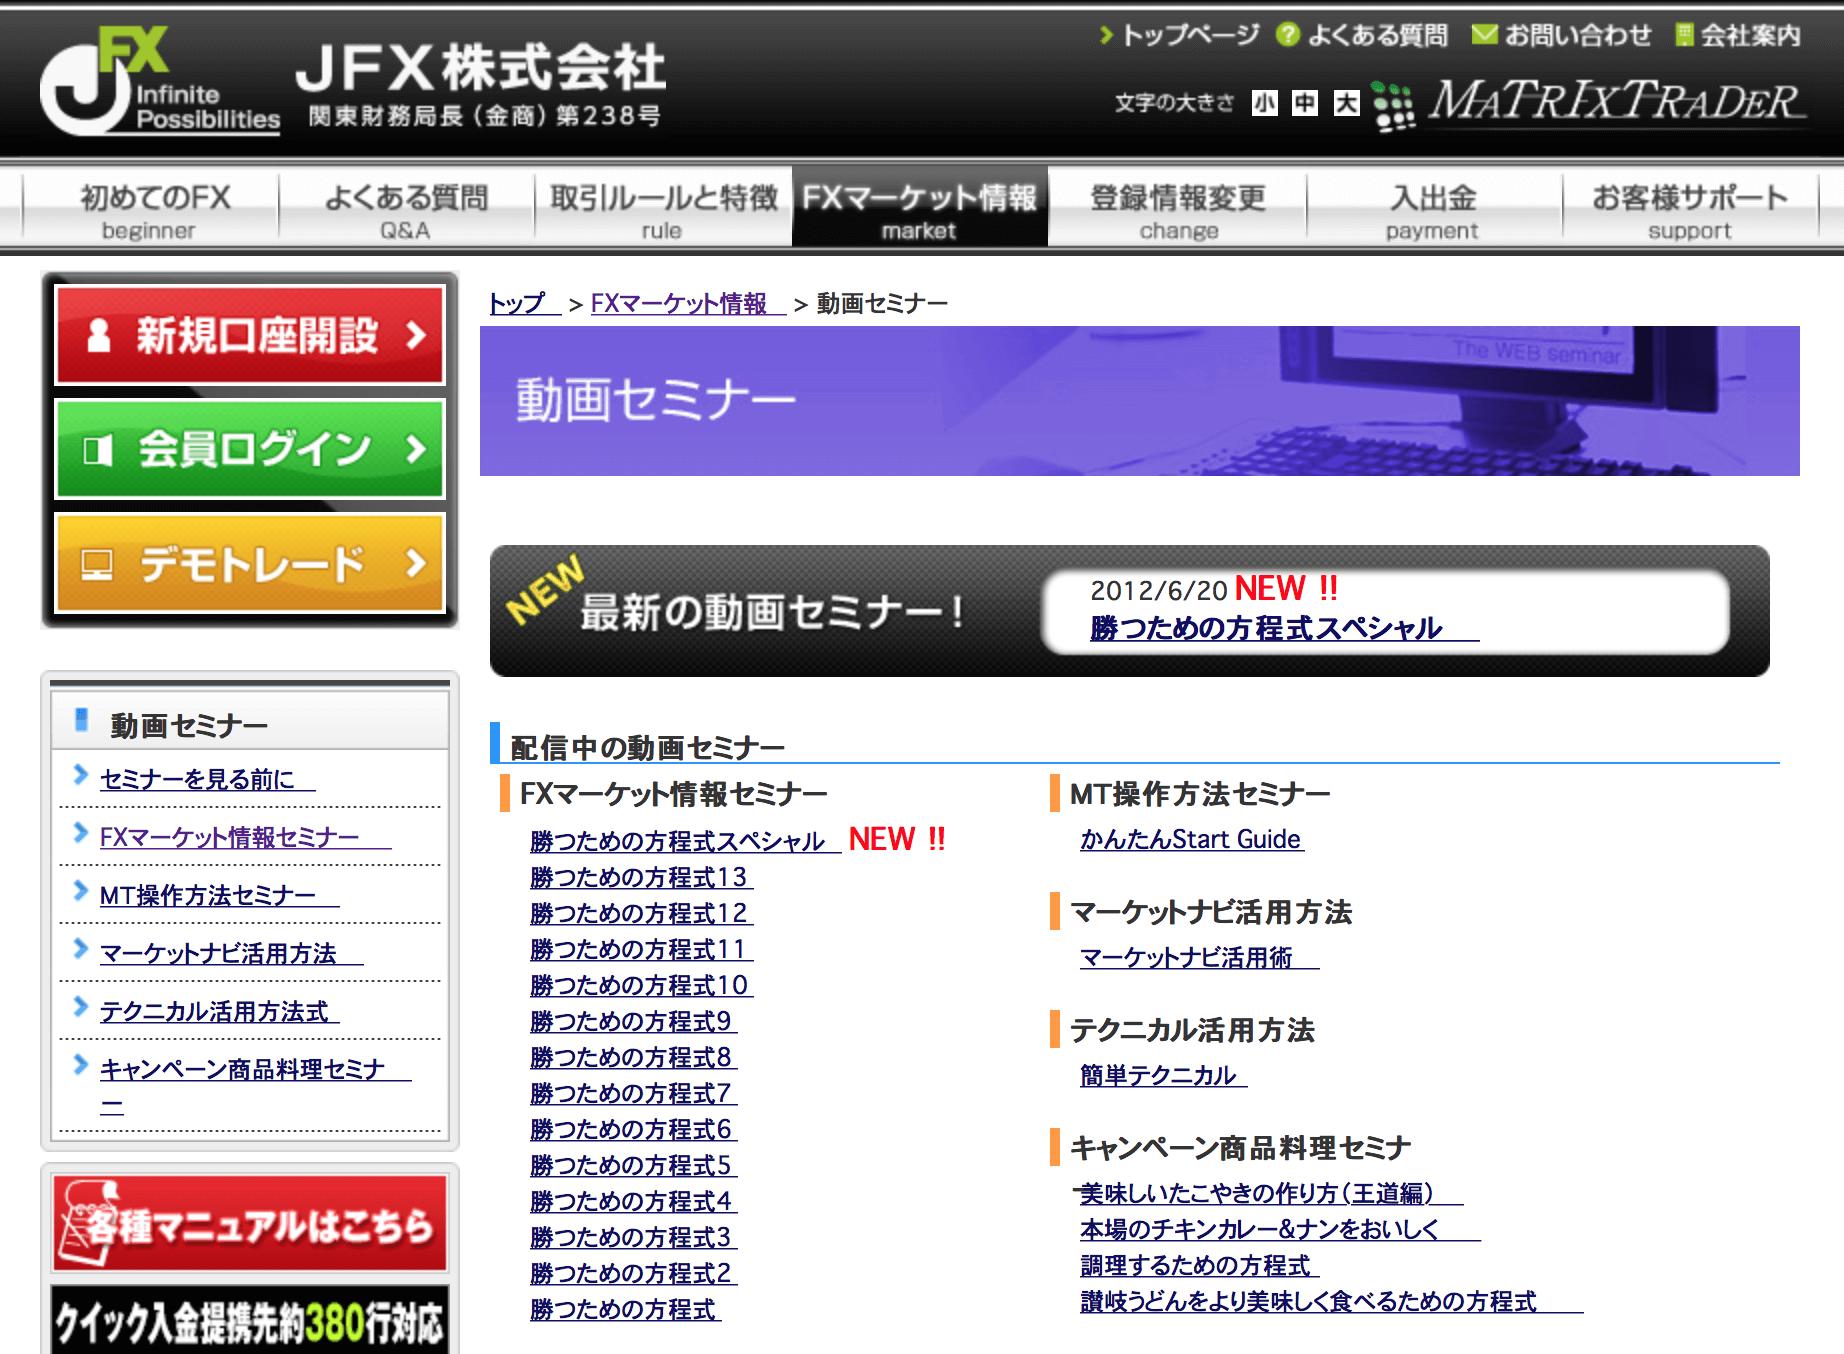 『JFX』(オンライン動画セミナー)